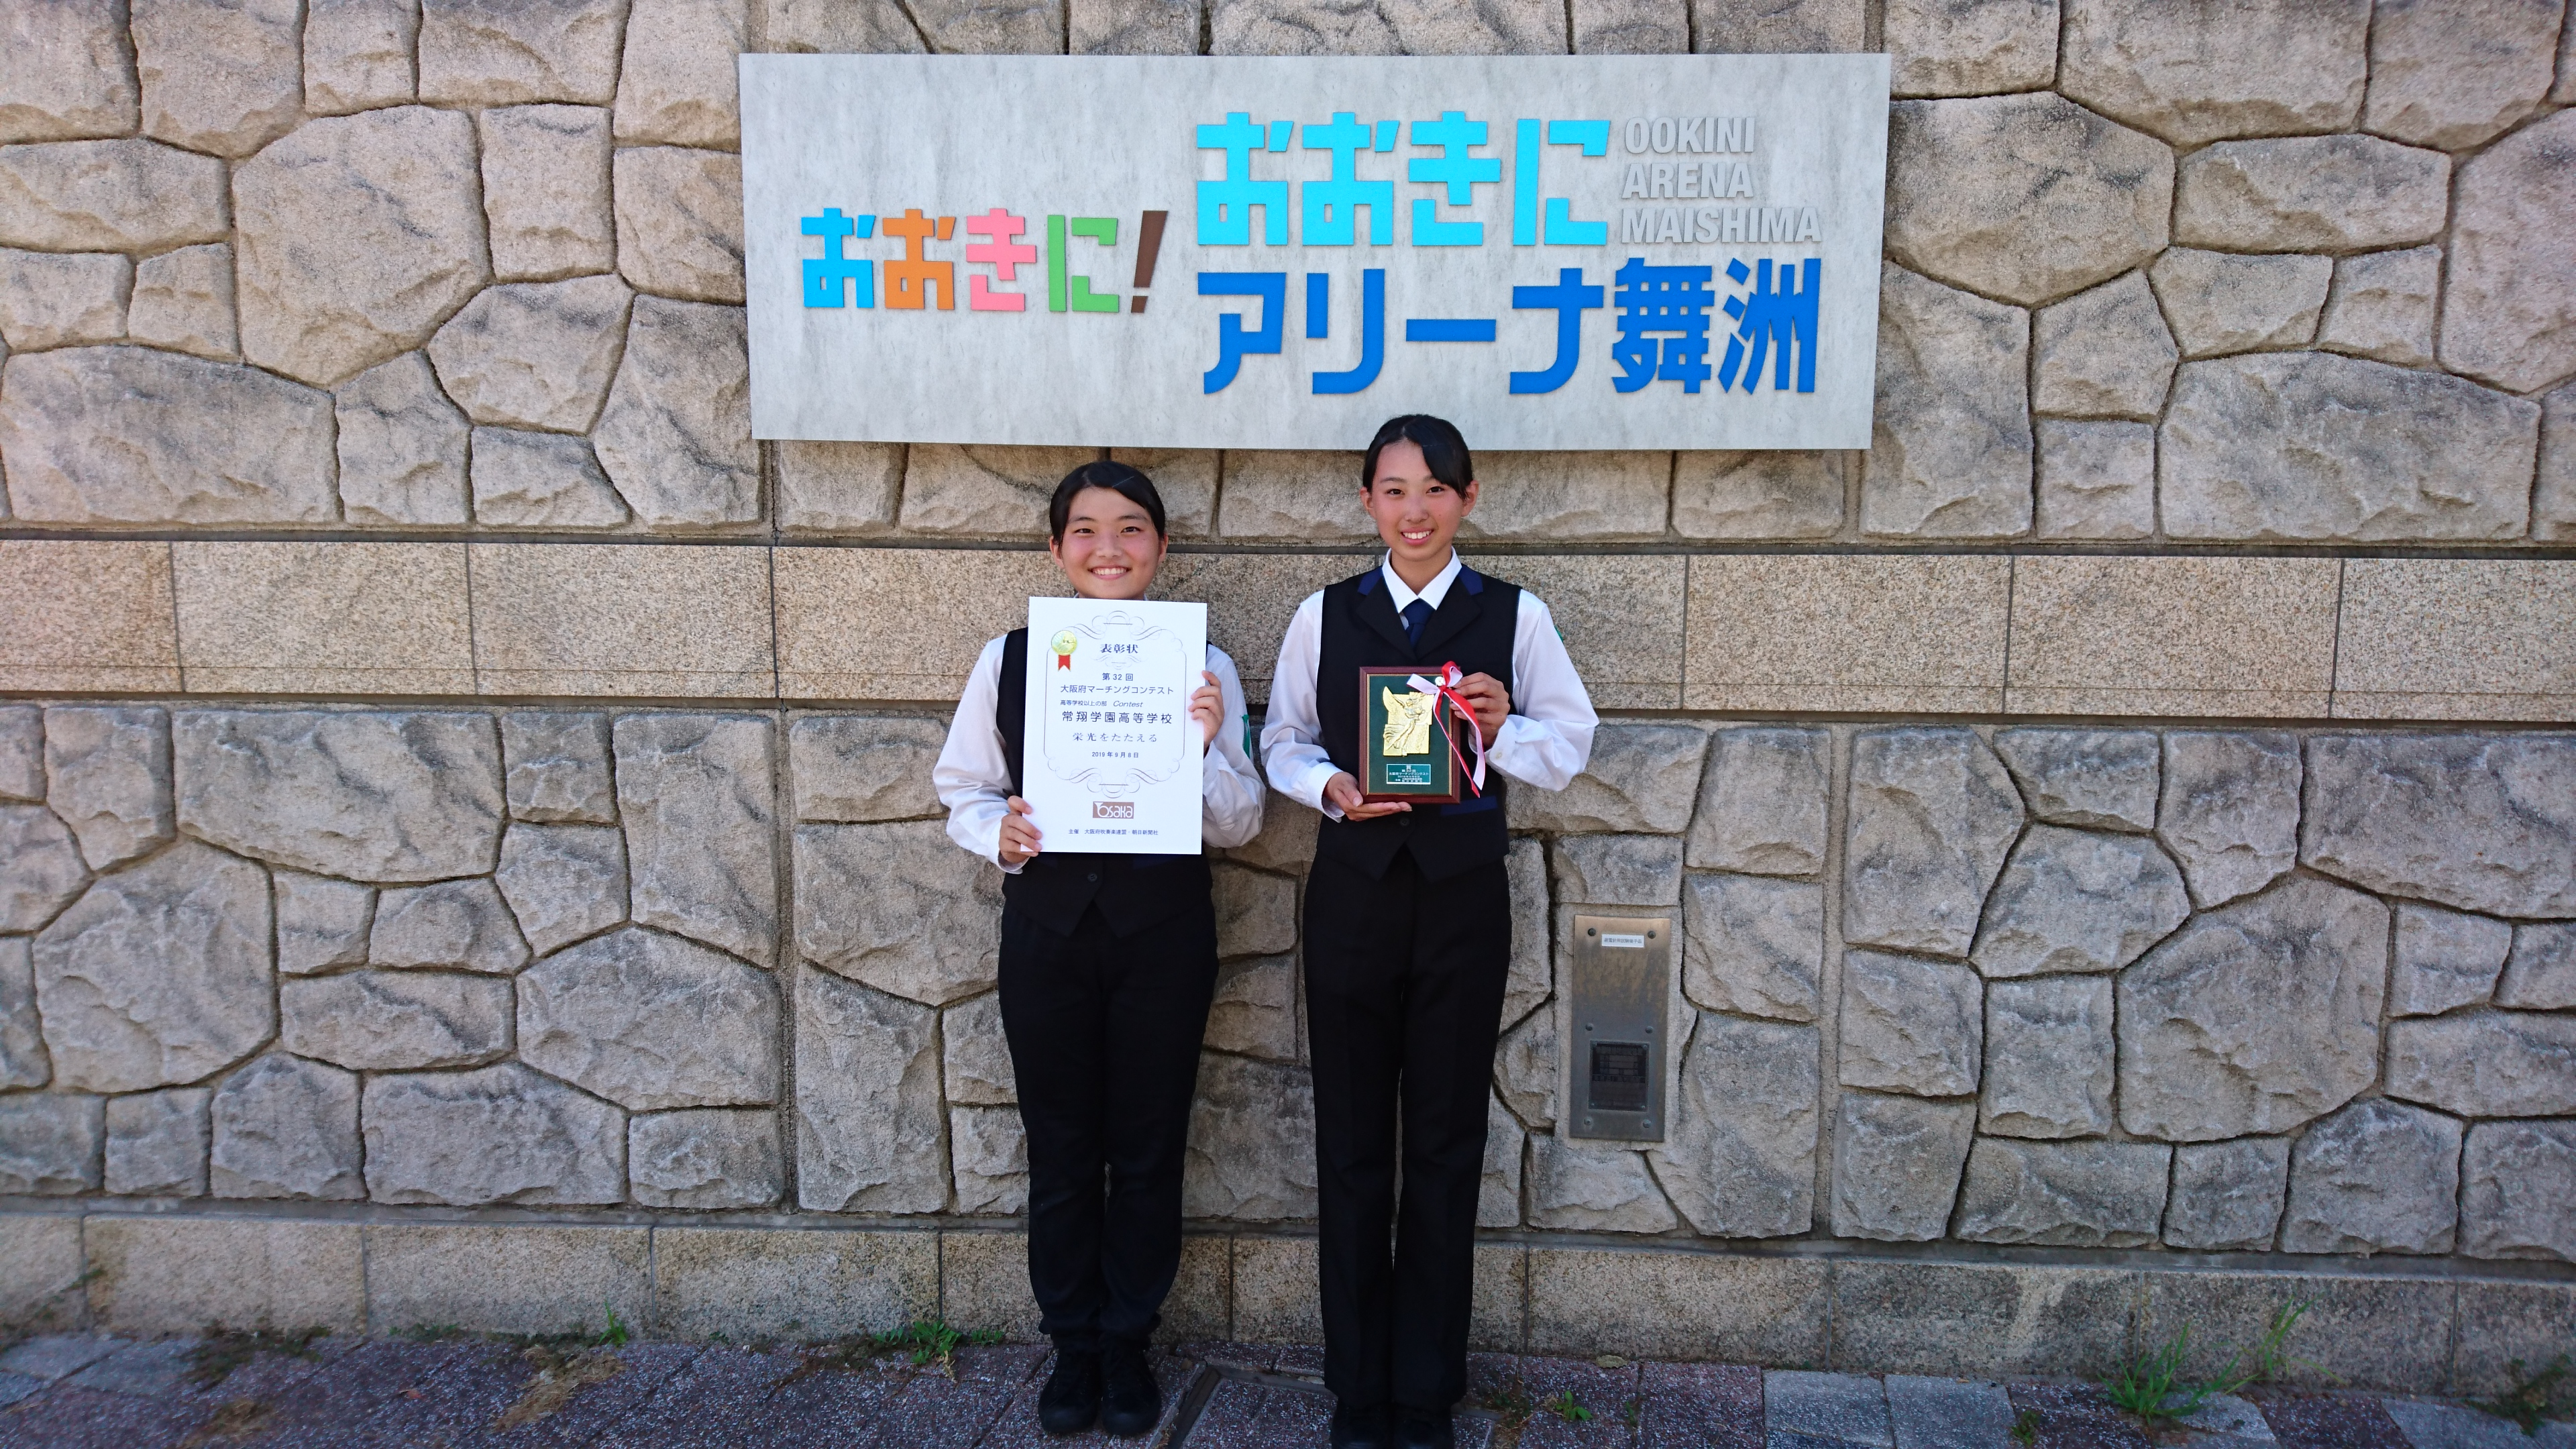 府 2019 京都 マーチング コンテスト